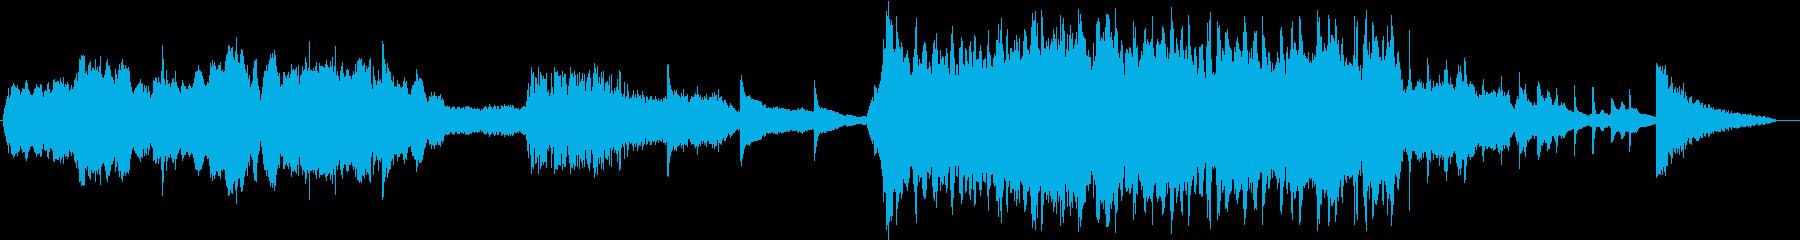 映画「インセプション」のハンス・ジ...の再生済みの波形